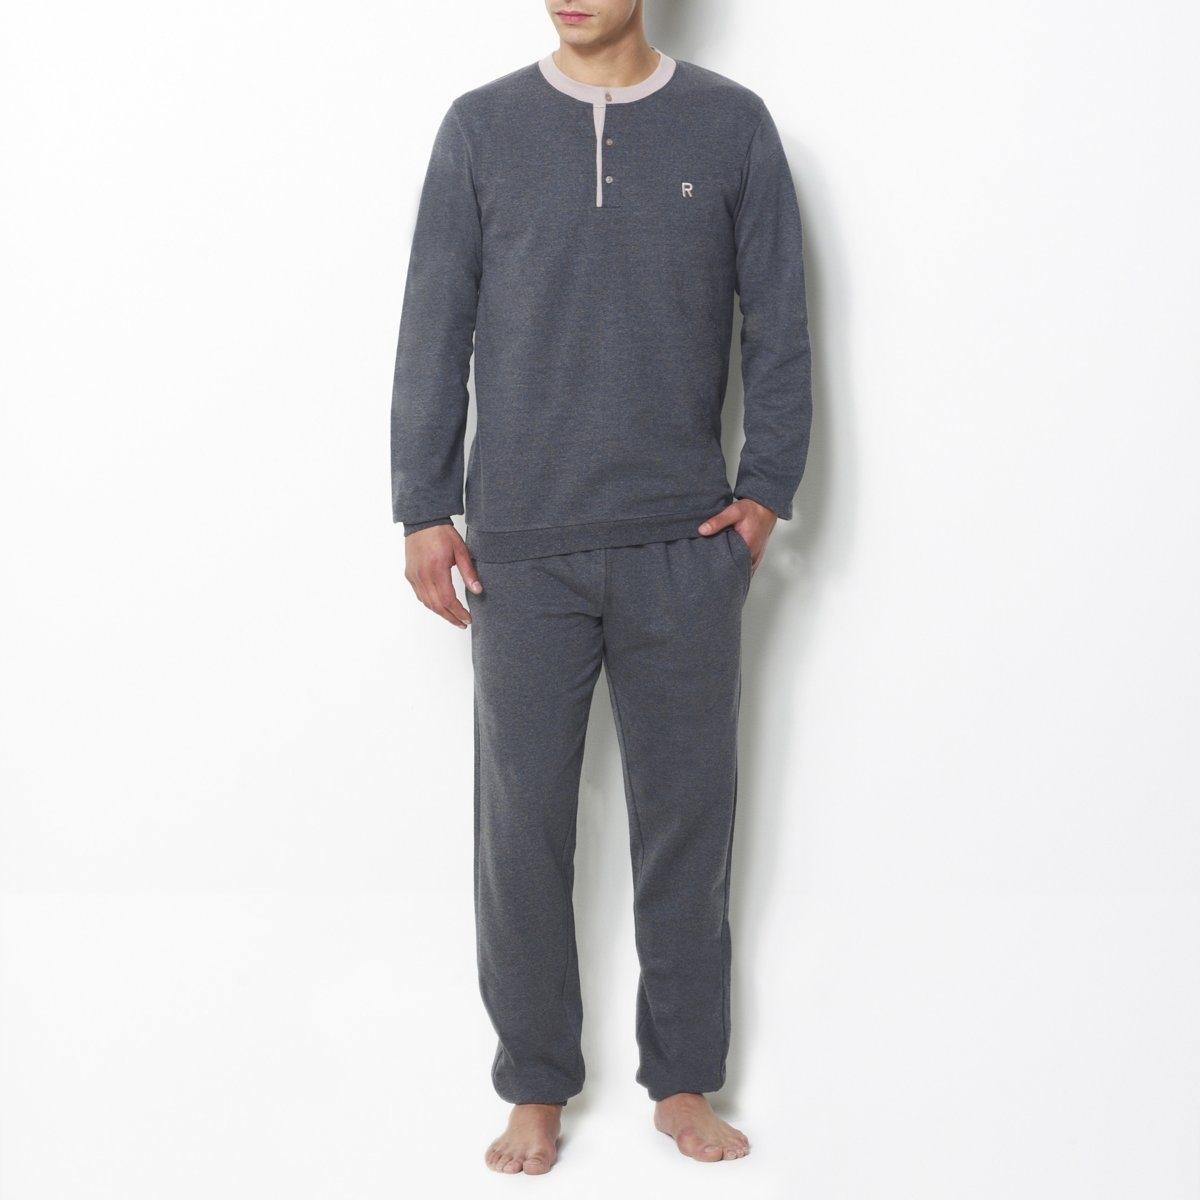 Пижама из мольтона*Международный знак Oeko-Tex гарантирует отсутствие вредных или раздражающих кожу веществ<br><br>Цвет: темно-серый меланж<br>Размер: XL